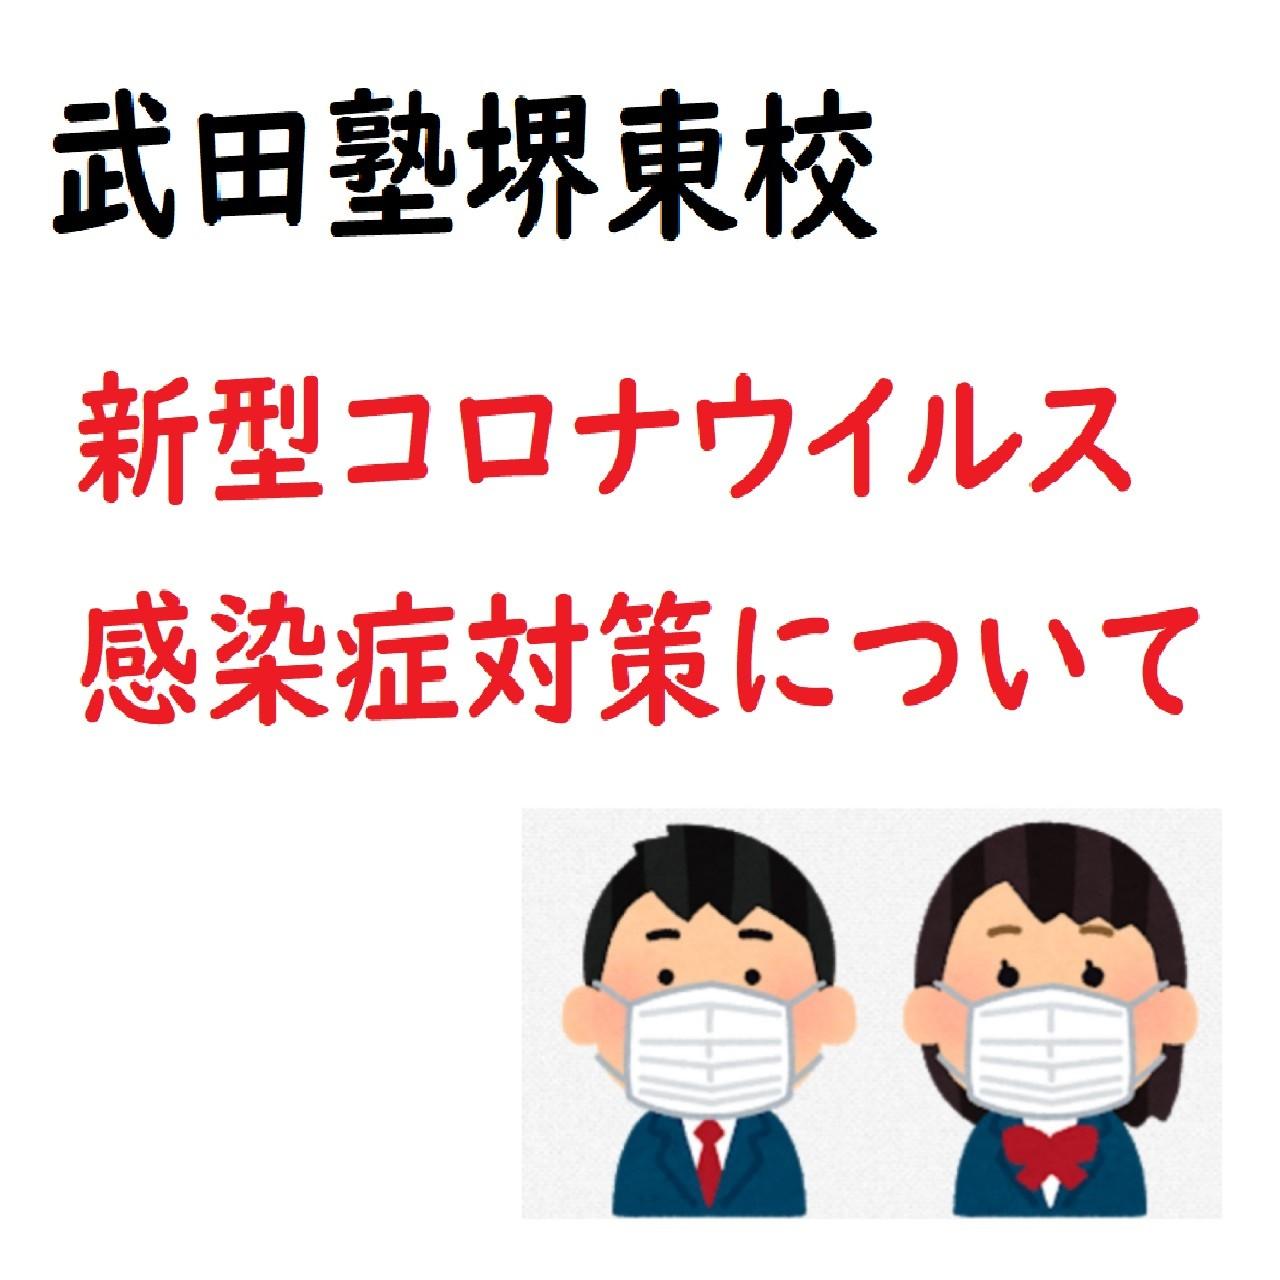 予備校 堺東